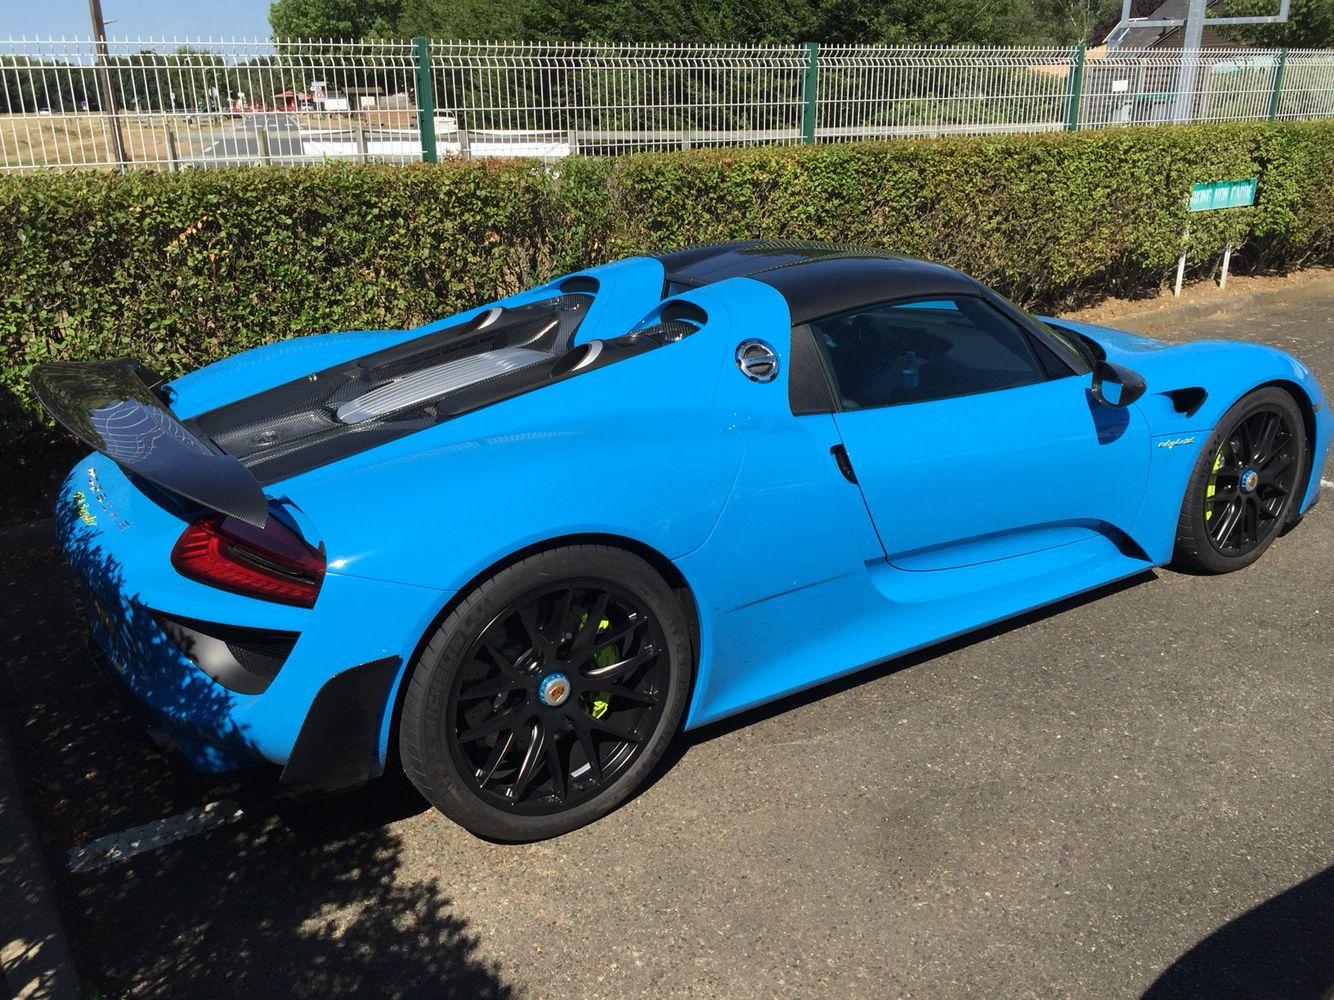 porsche 918 spyder mexico blue in le mans porsche porsche 918 sport cars porsche 918 spyder mexico blue in le